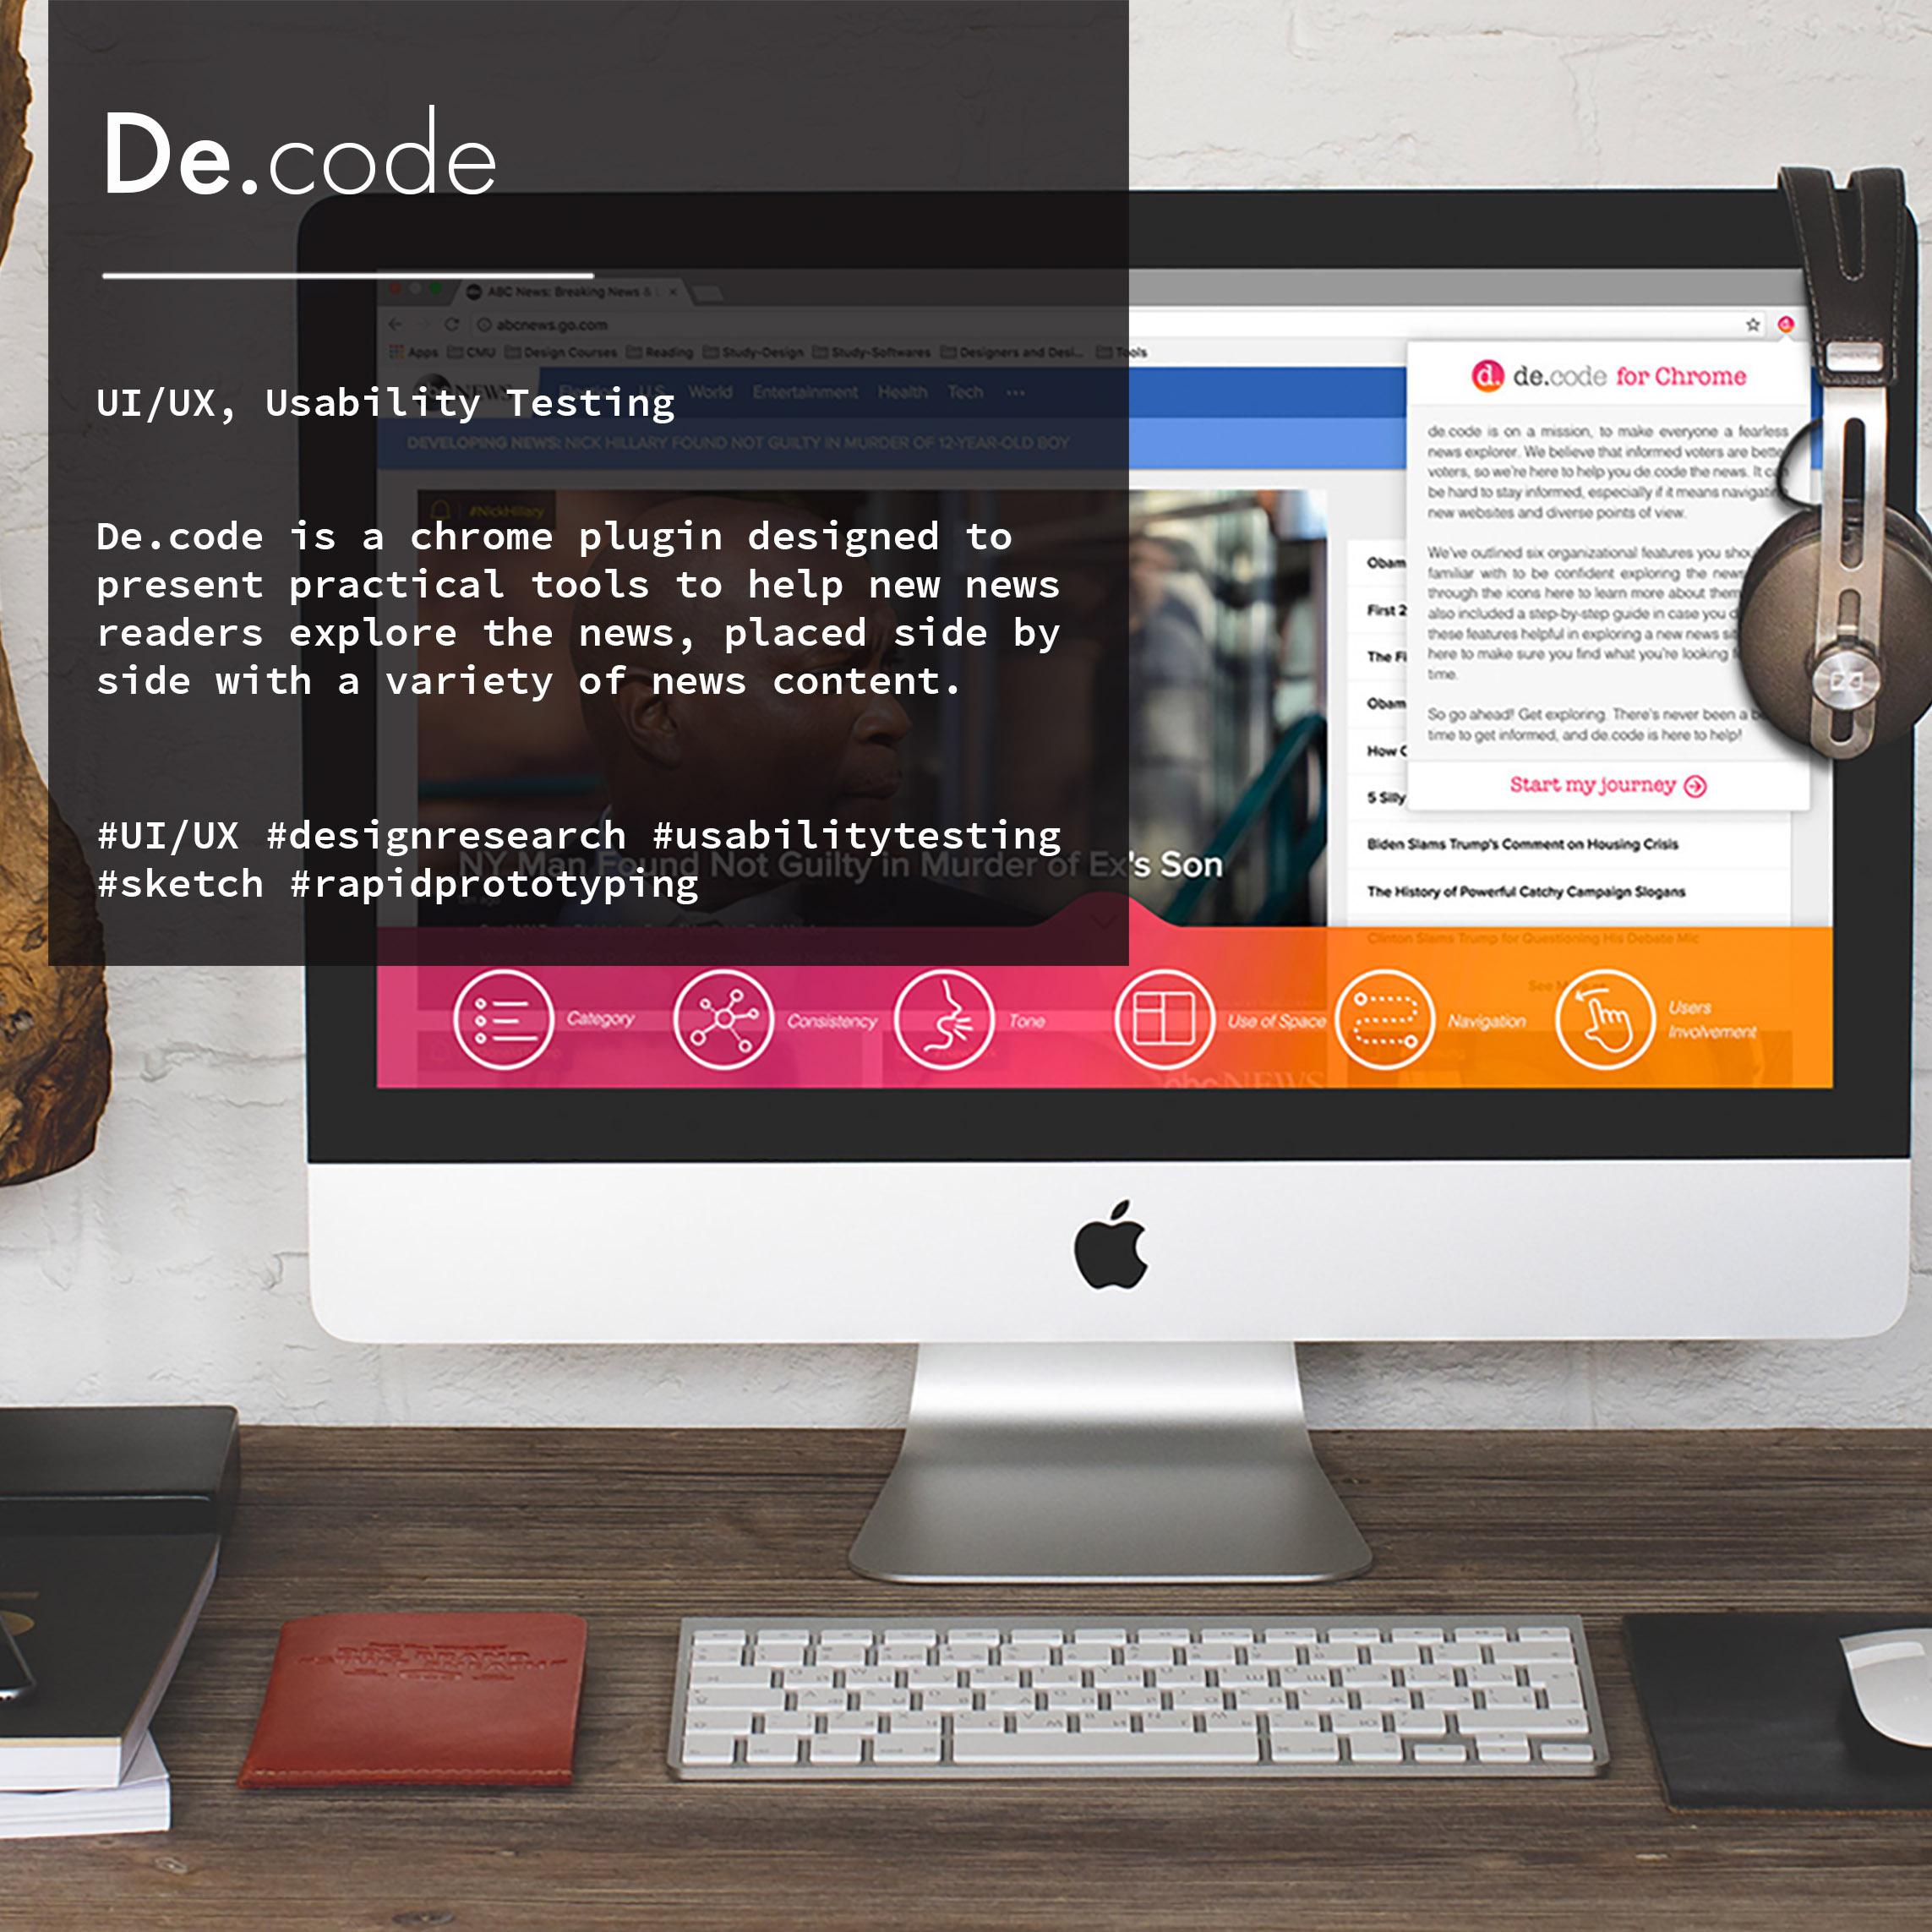 De.code: Making everyone a fearless news explorer